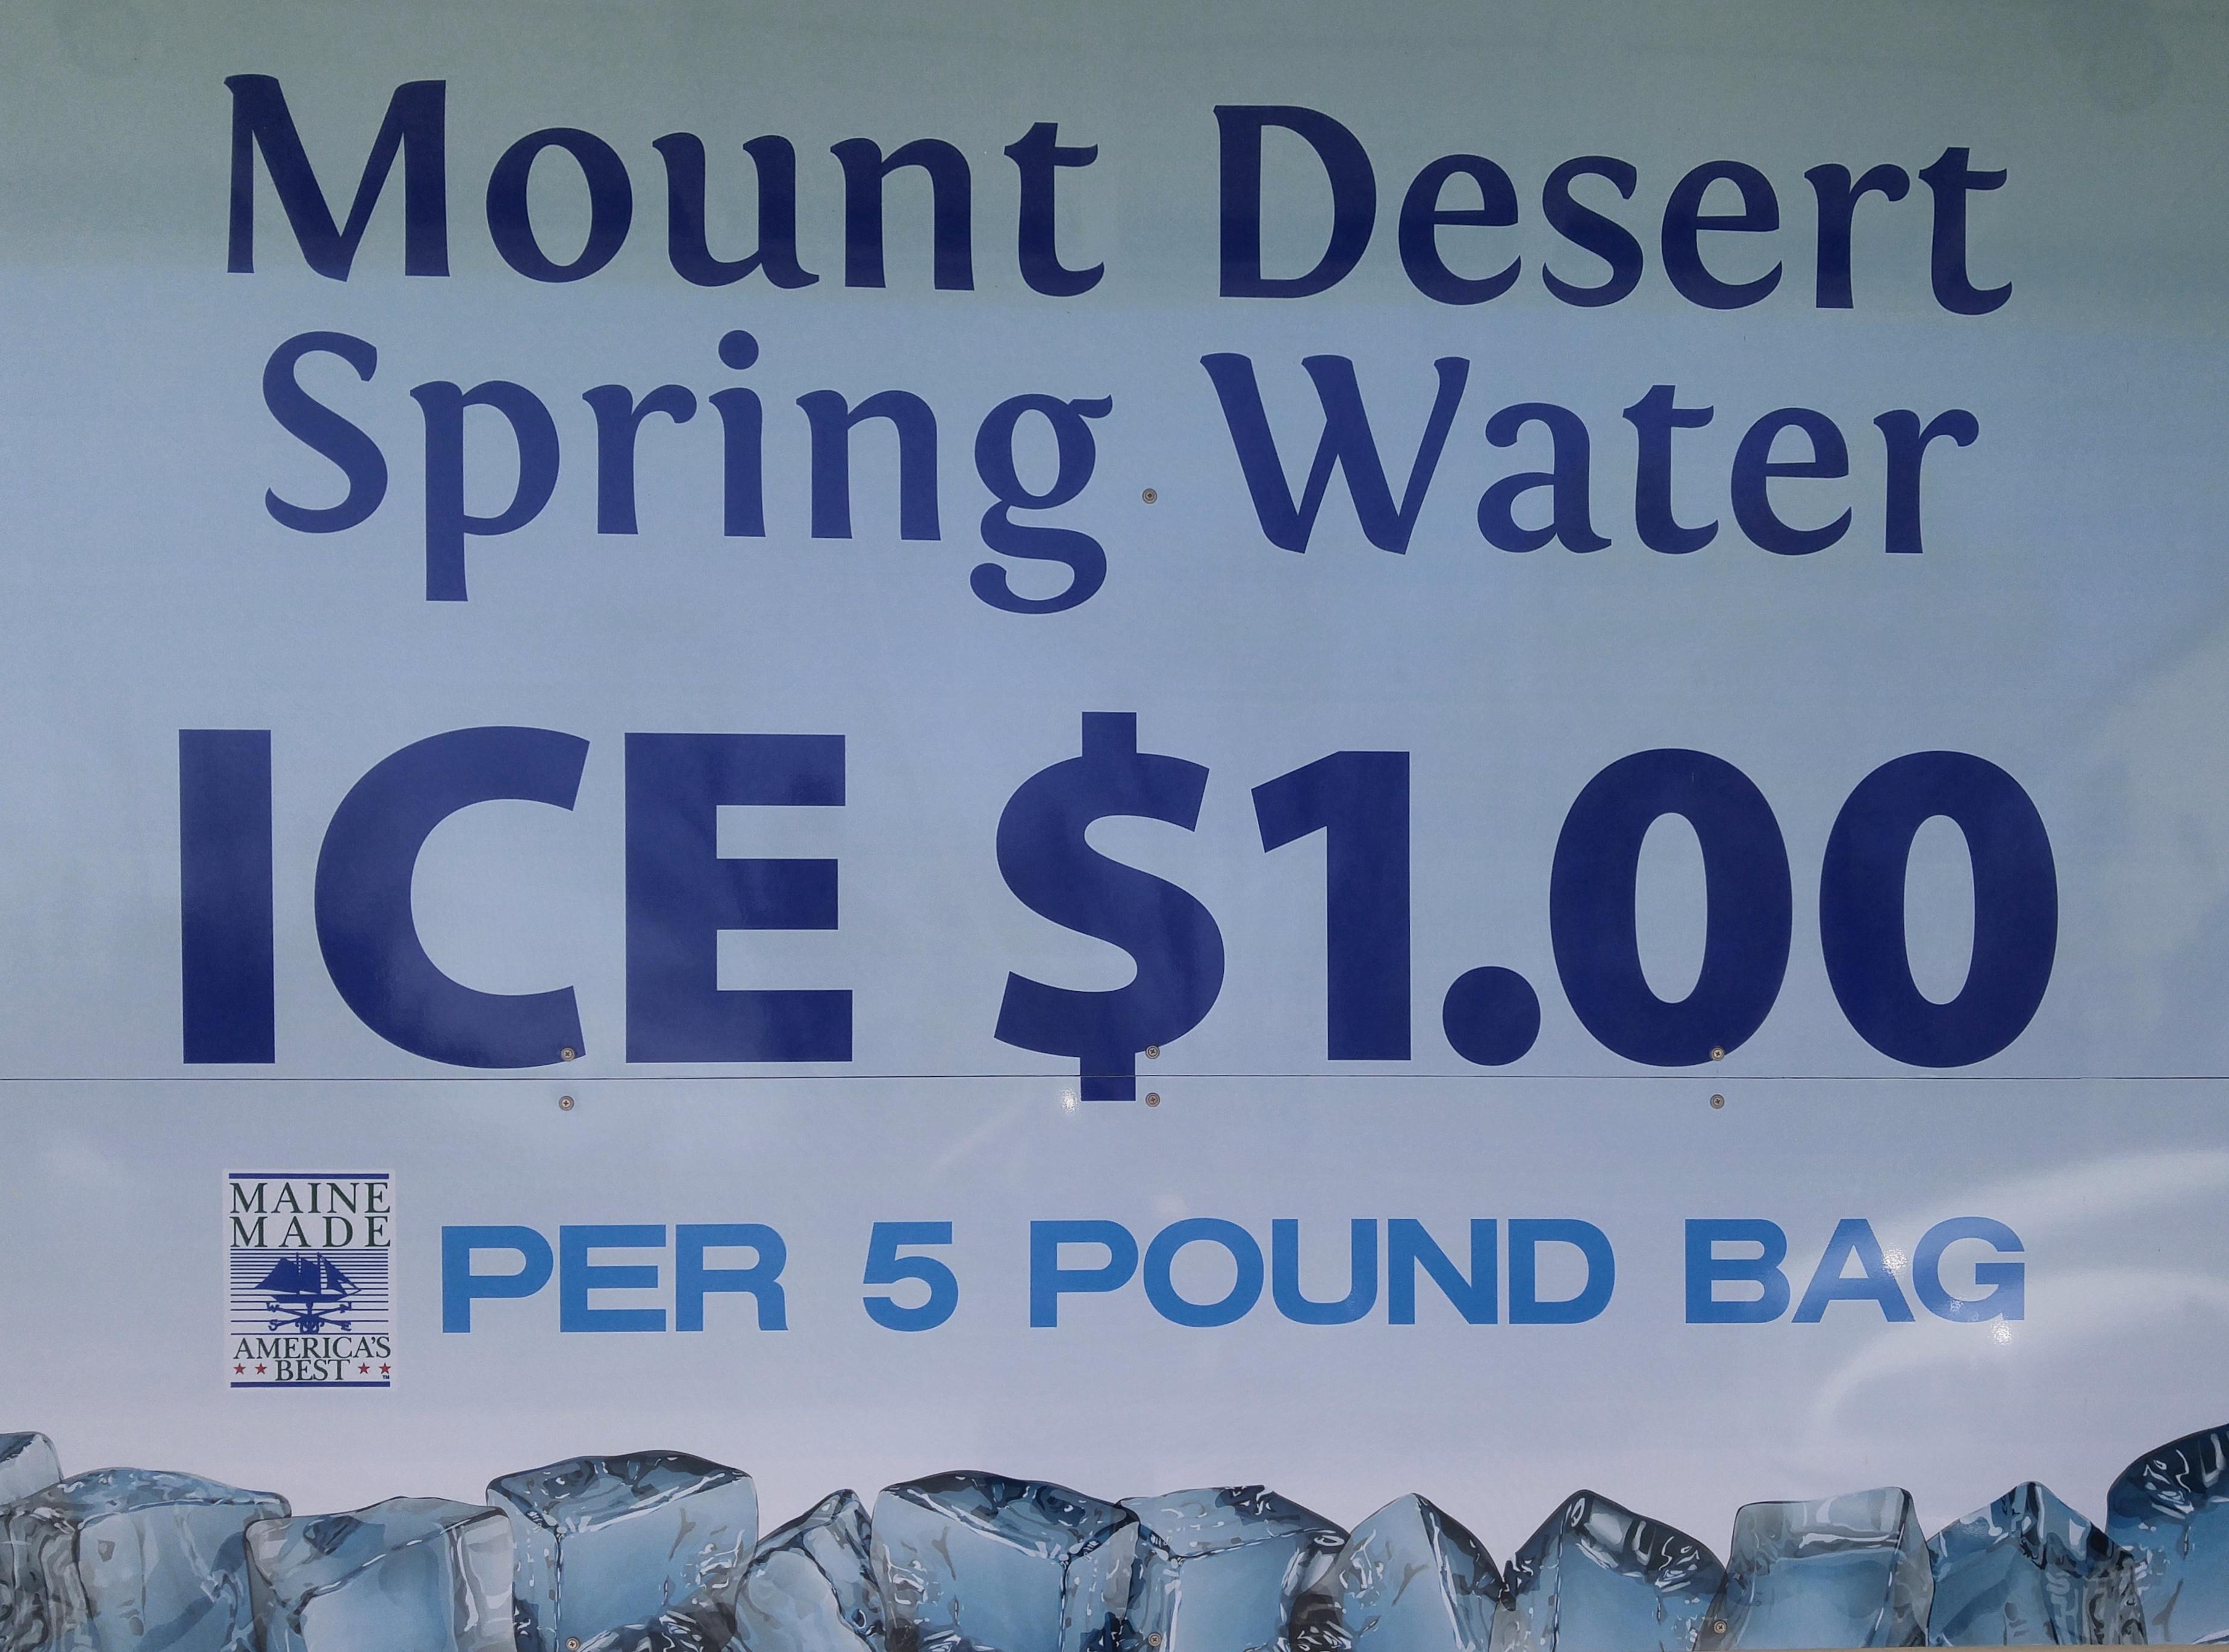 Mount Desert Spring Water image 0